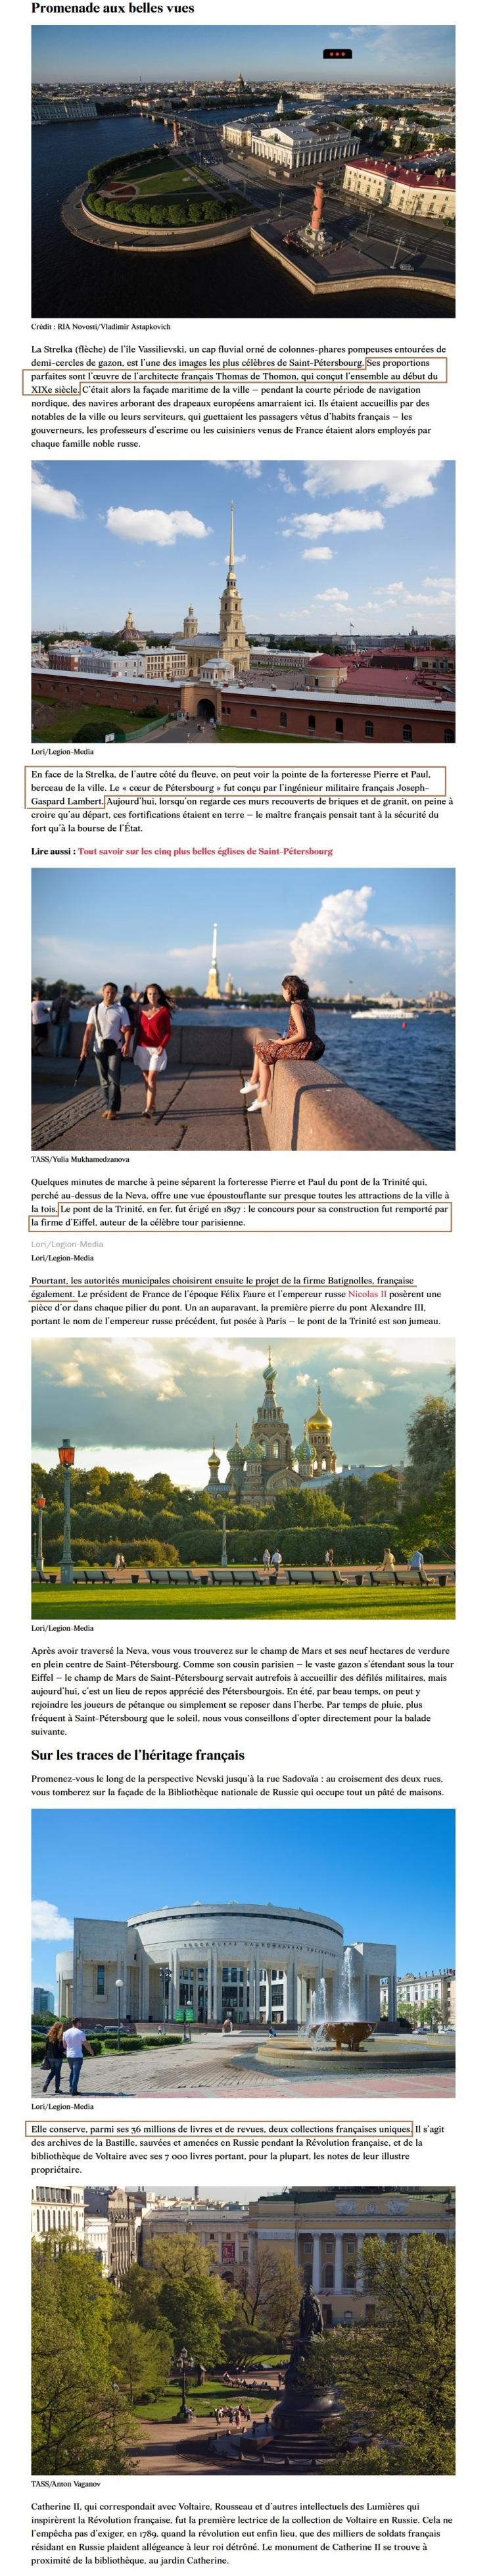 Le Saint-Pétersbourg français quand la Neva prend un air de Seine Russia beyond_capt1